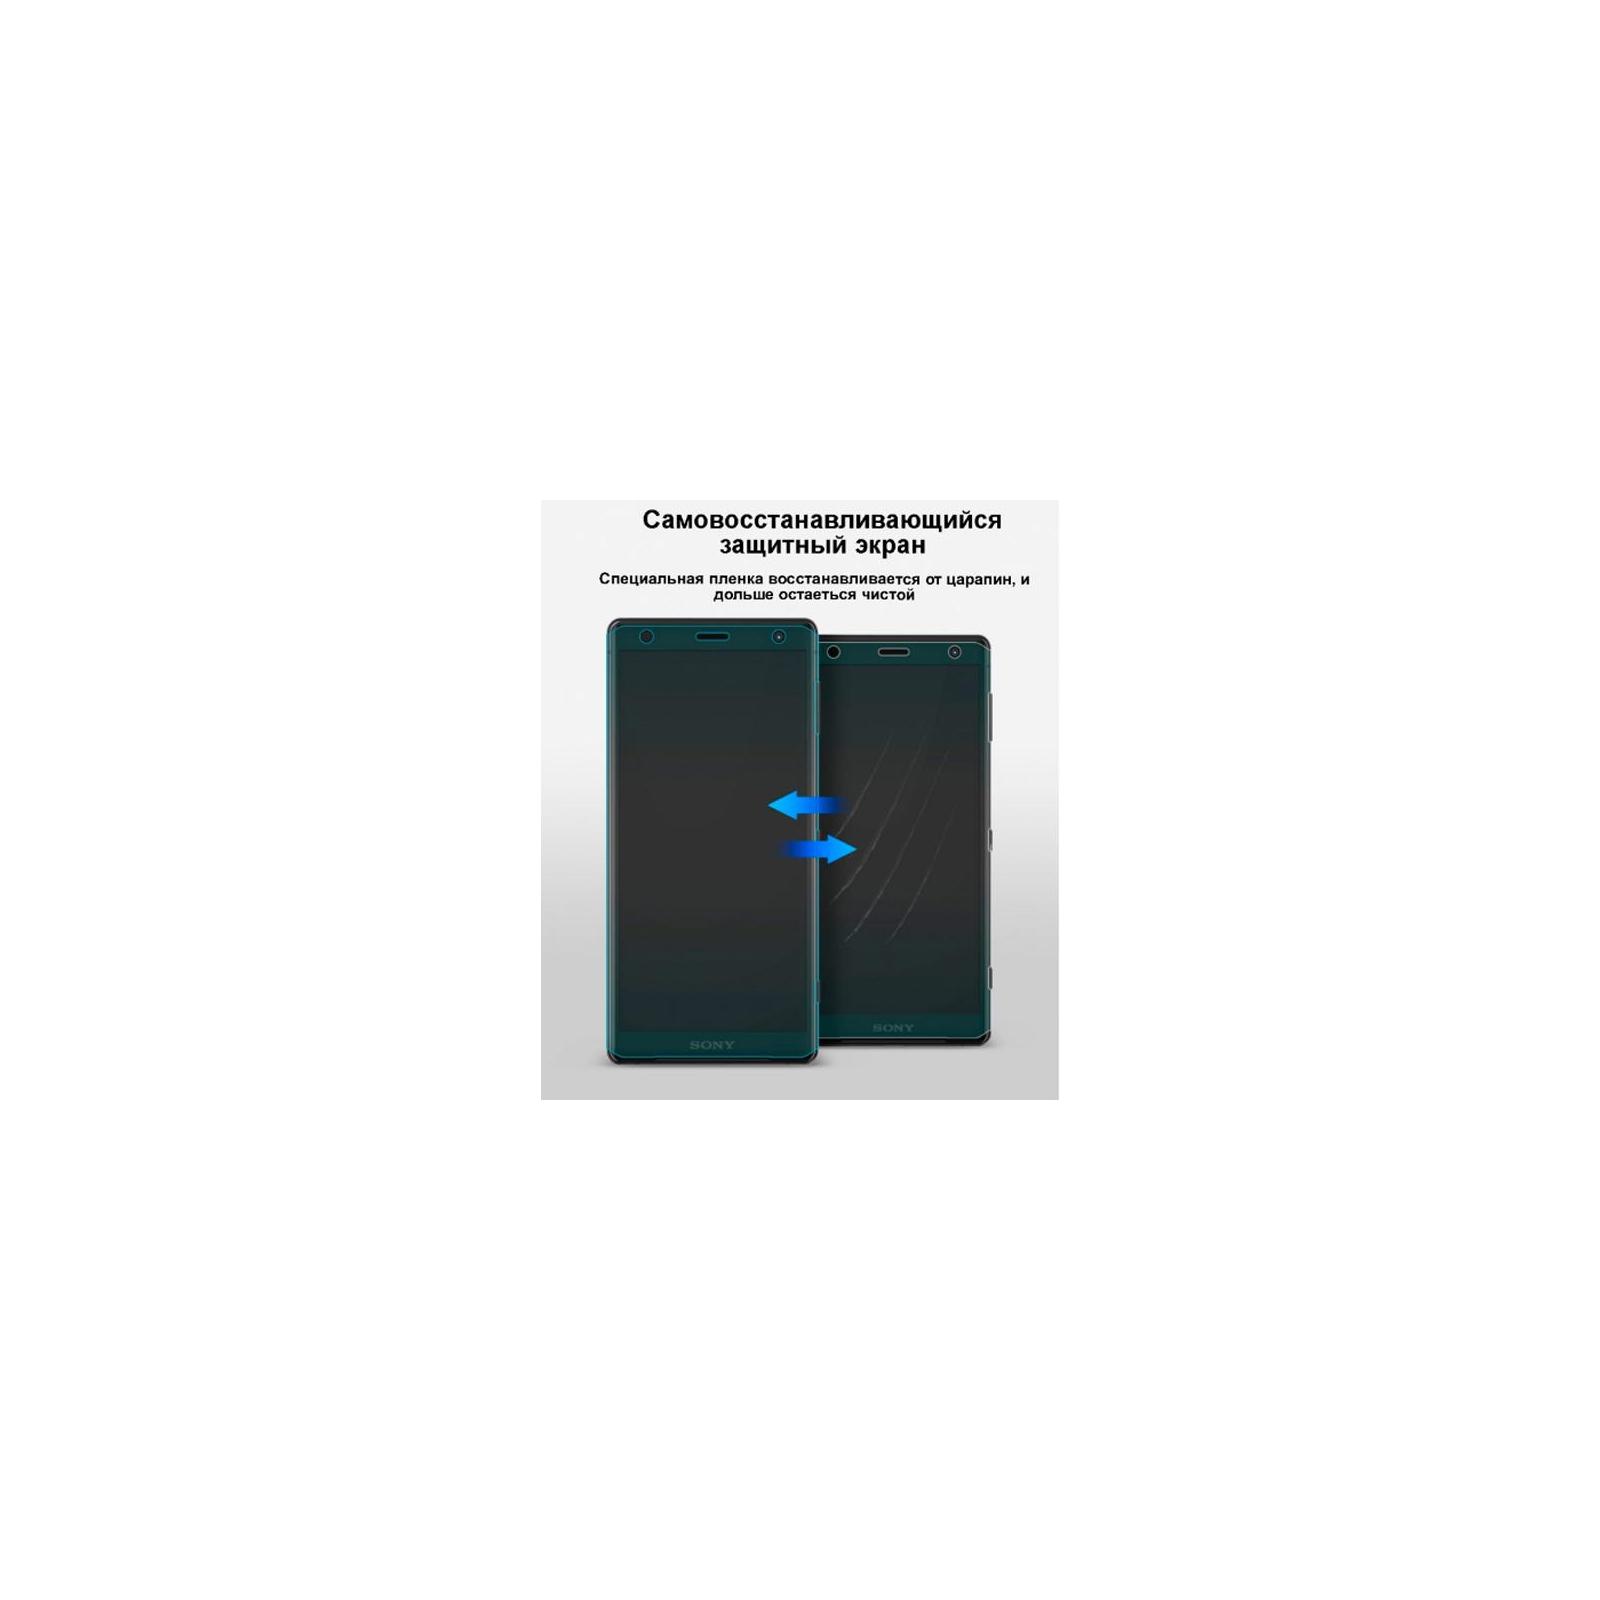 Пленка защитная Ringke для телефона Sony Xperia XZ2 Full Cover (RSP4455) изображение 9